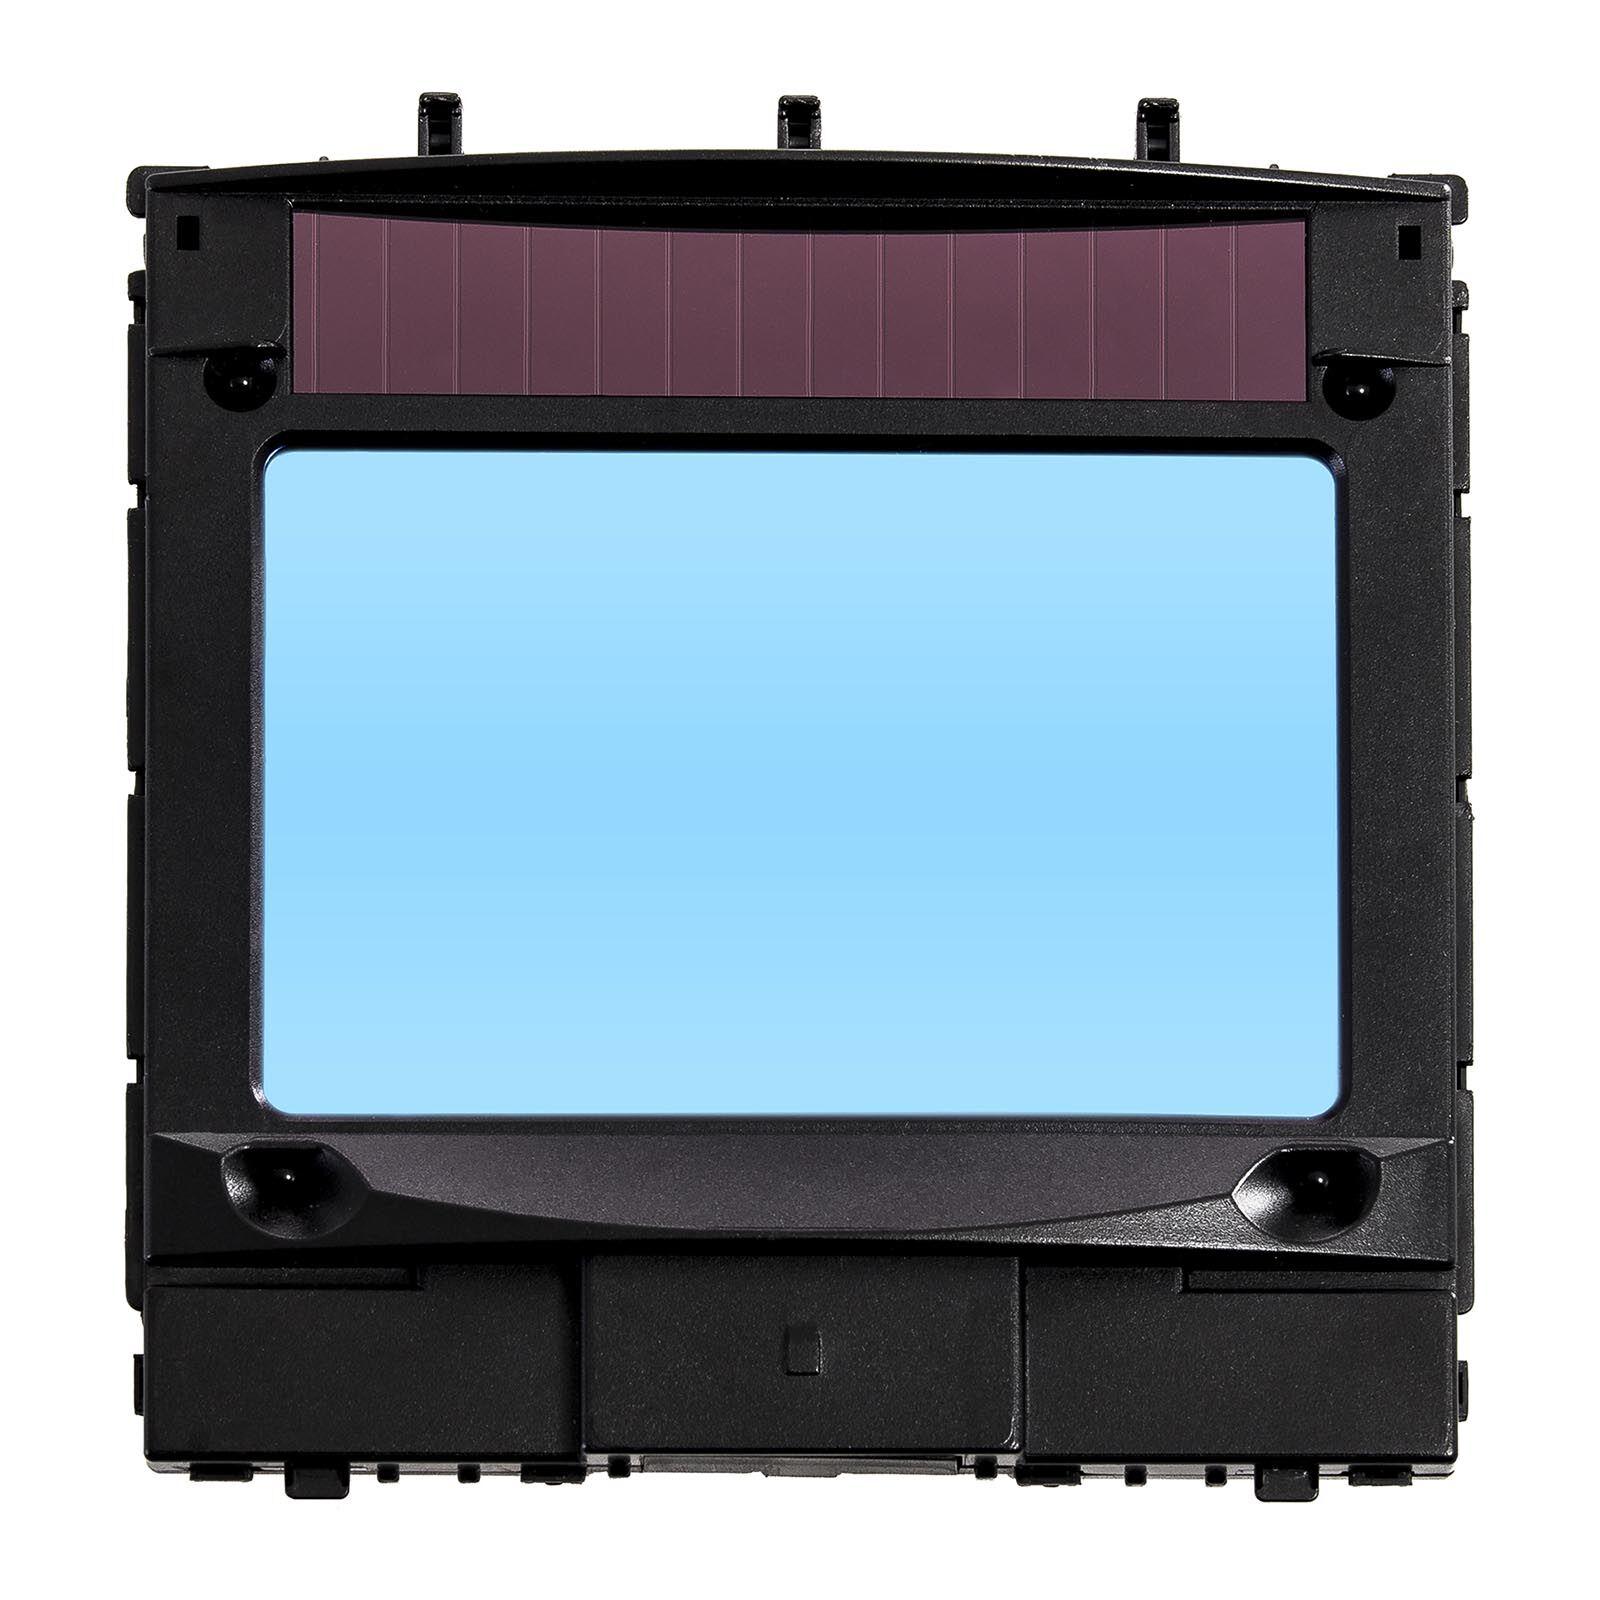 stamos germany filtro di protezione per saldatore per blackone, metalator 2965